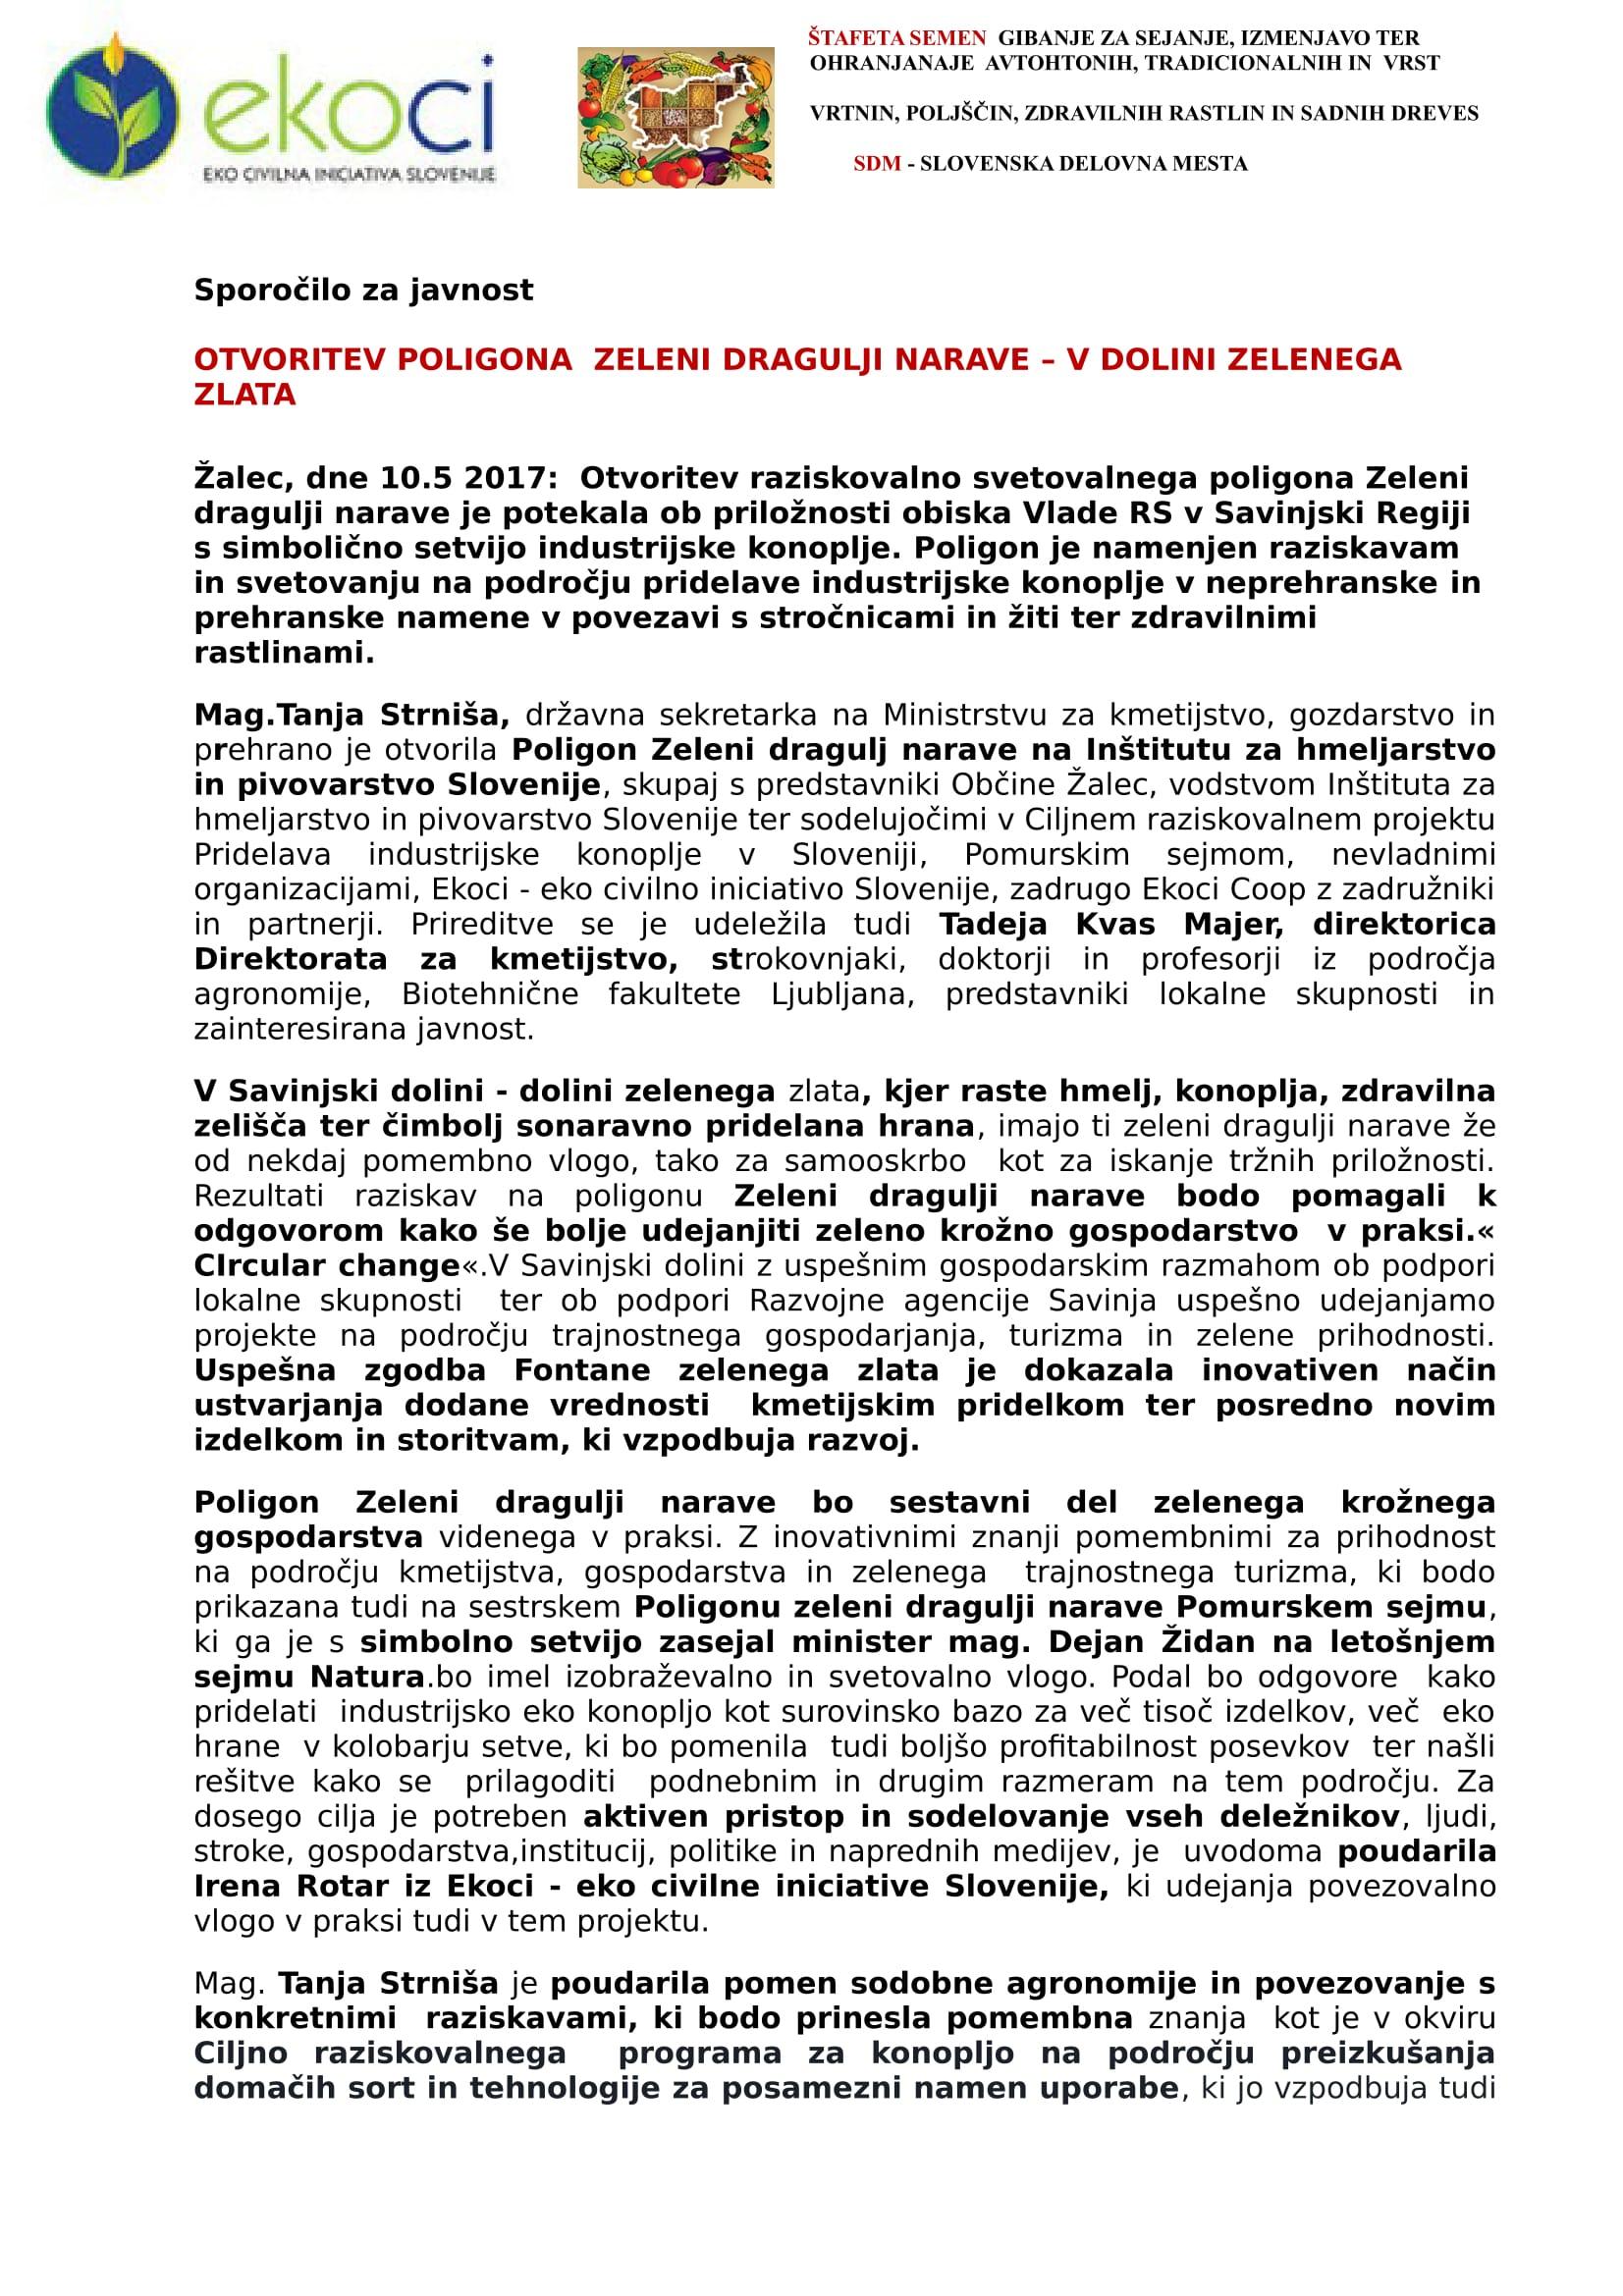 SZJ - OTVORITEV POLIGON ZELENI DRAGULJI NARAVE - V DOLINI ZELENEGA ZLATA-1